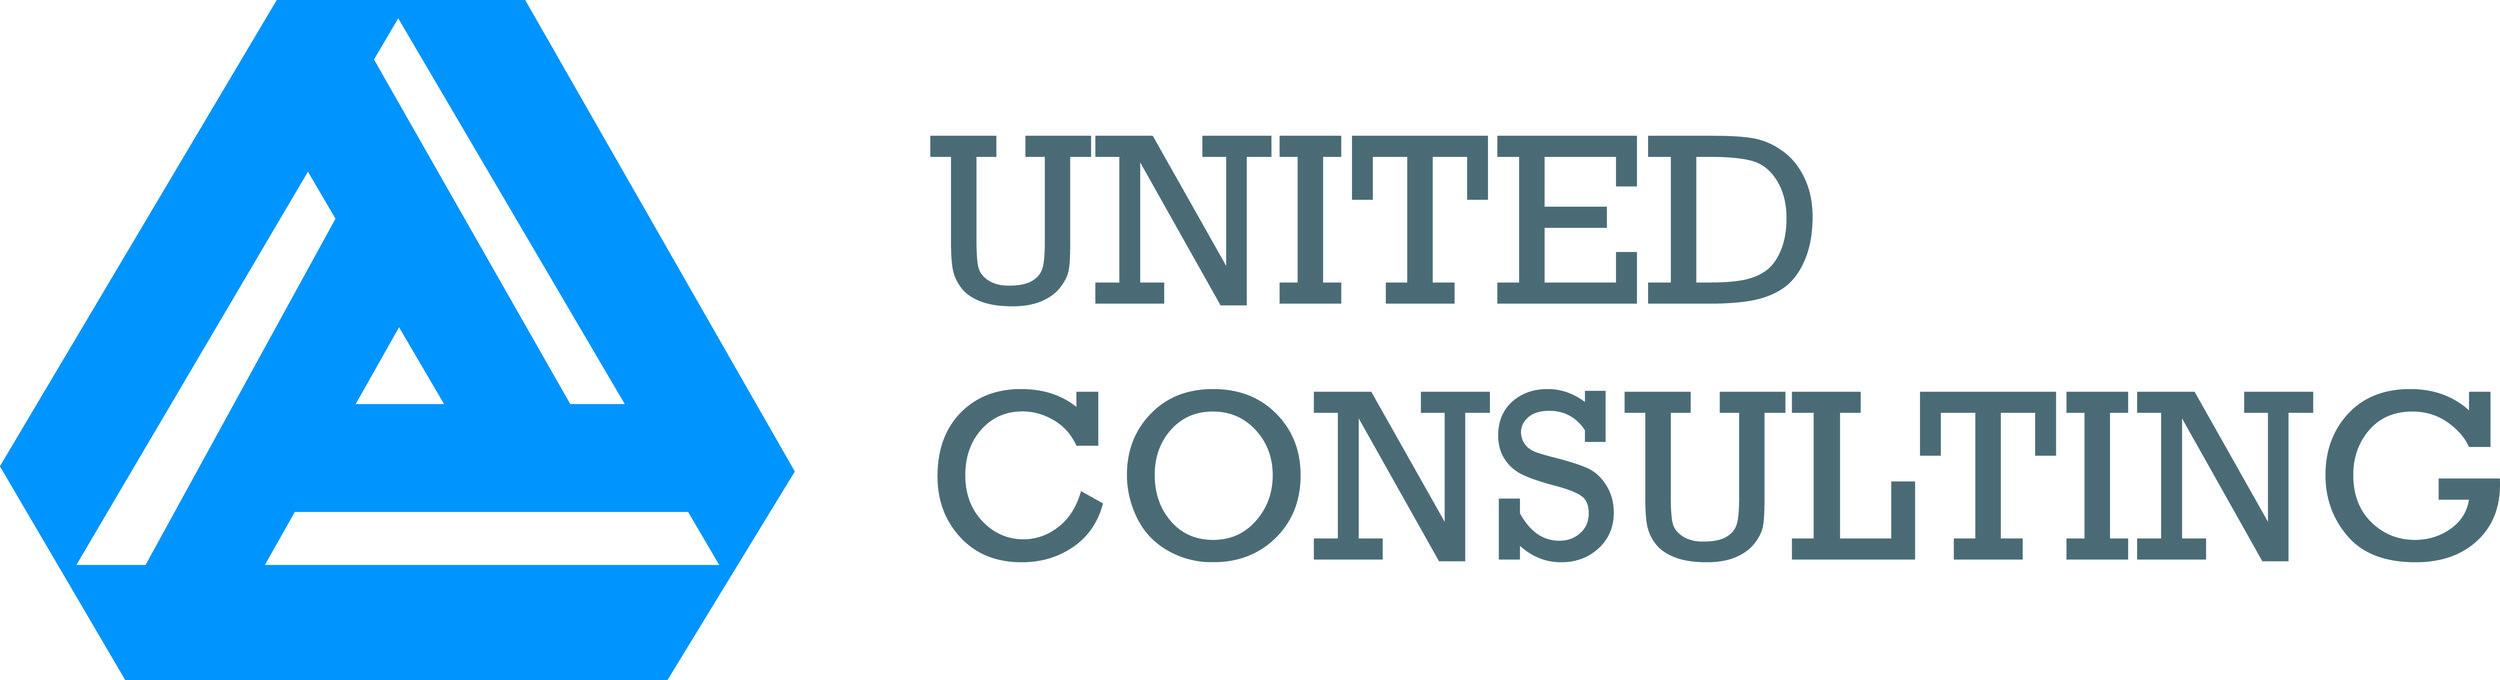 ATL19 Sponsor United Consulting Logo 2019.jpg